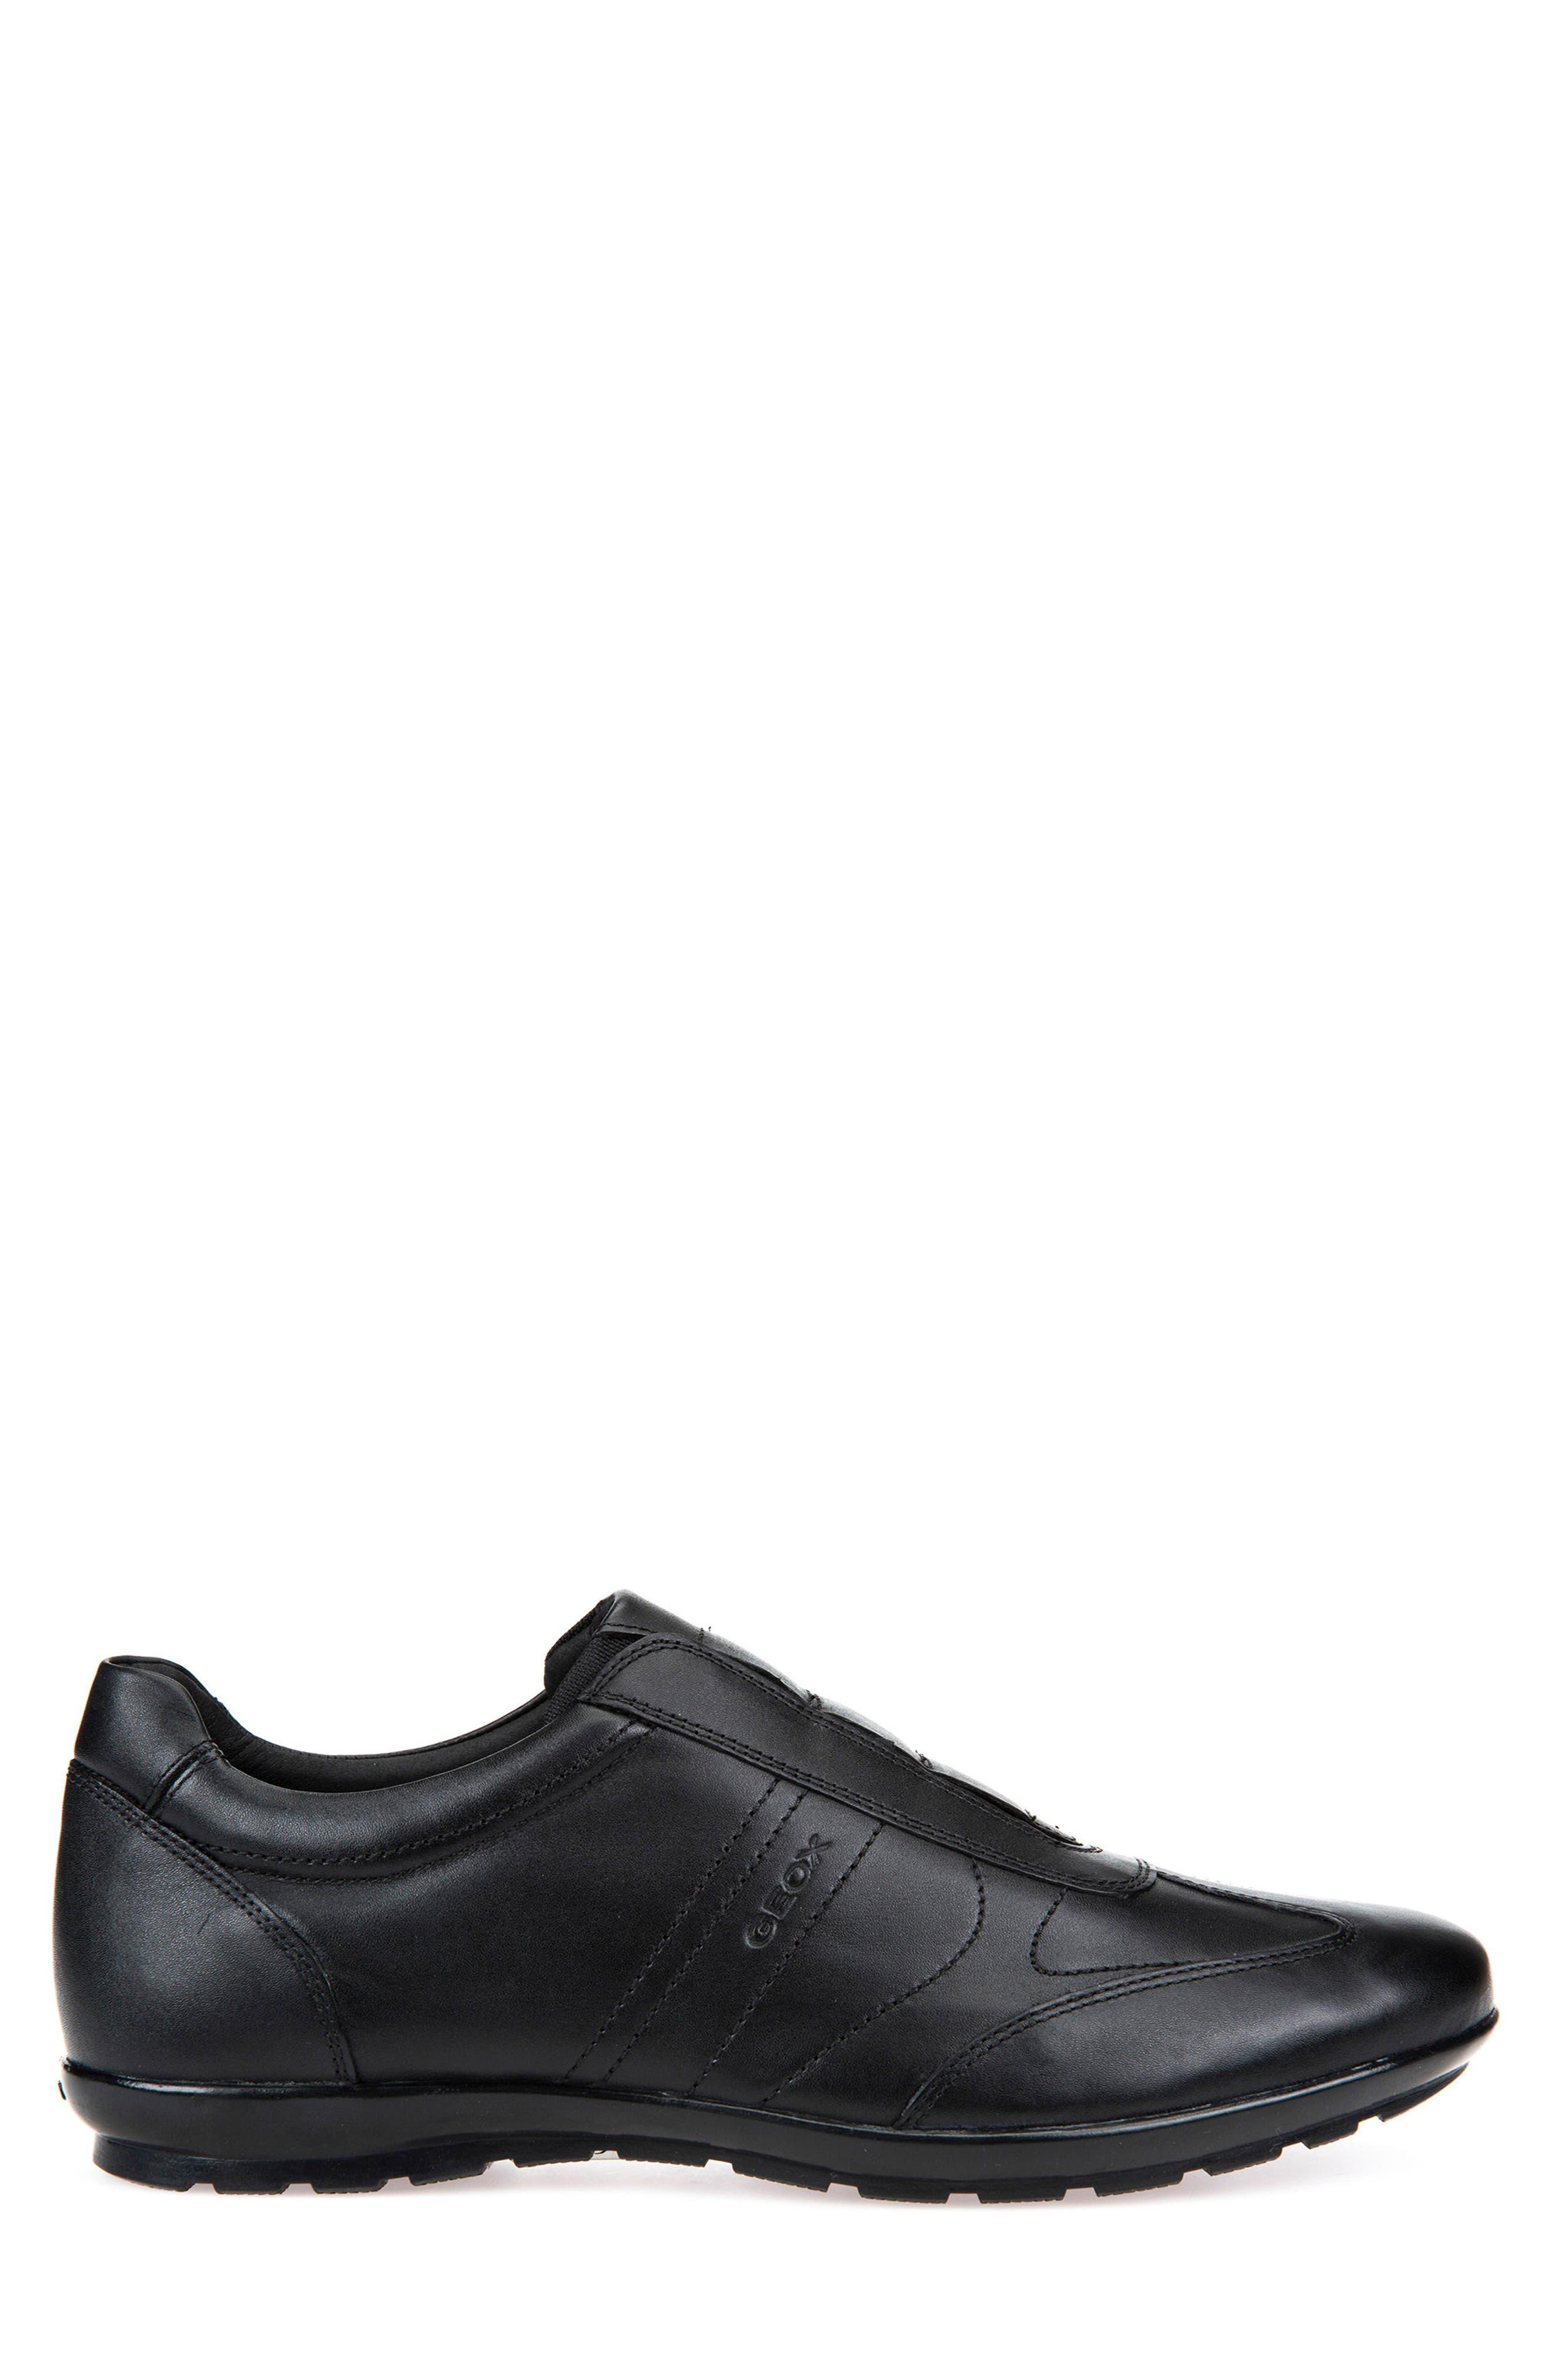 Symbol 21 Slip-On Sneaker,                             Alternate thumbnail 3, color,                             BLACK LEATHER